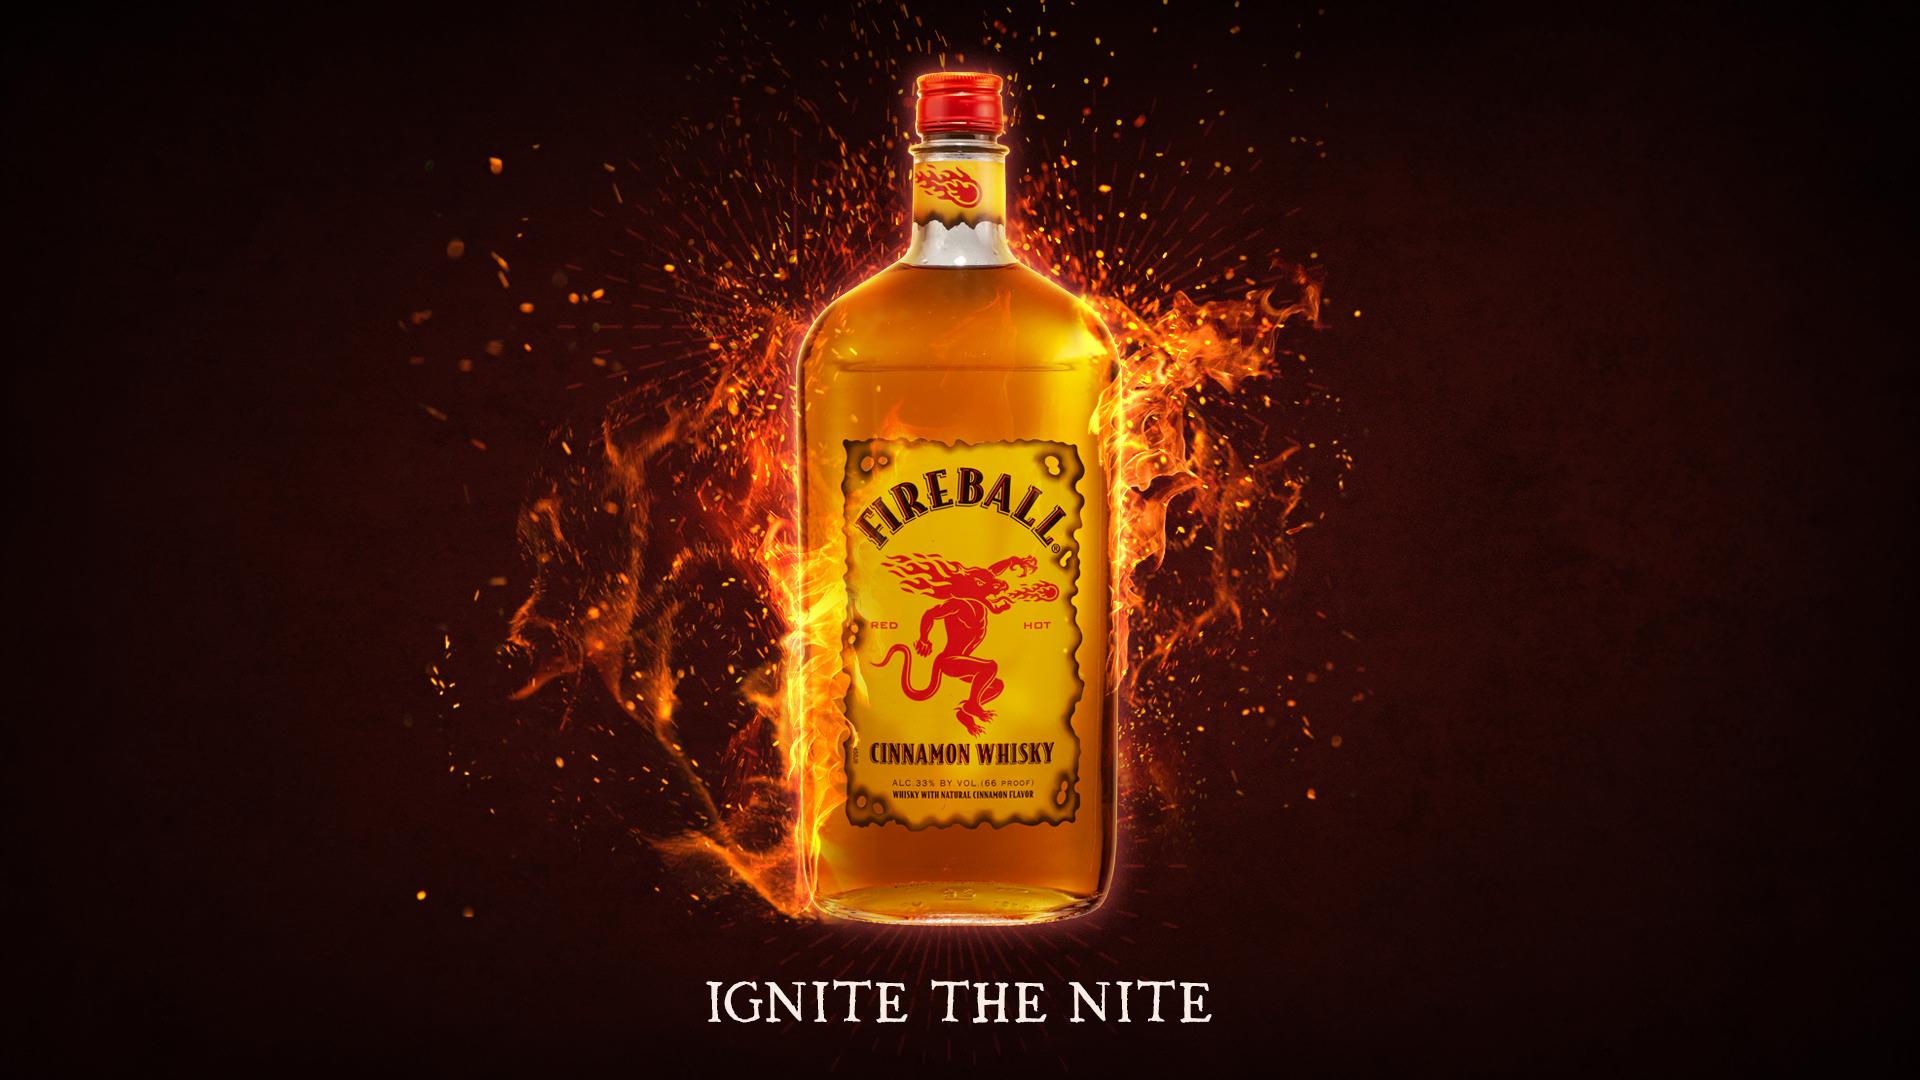 Fireball_Whisky_IgnitetheNite_Desktop